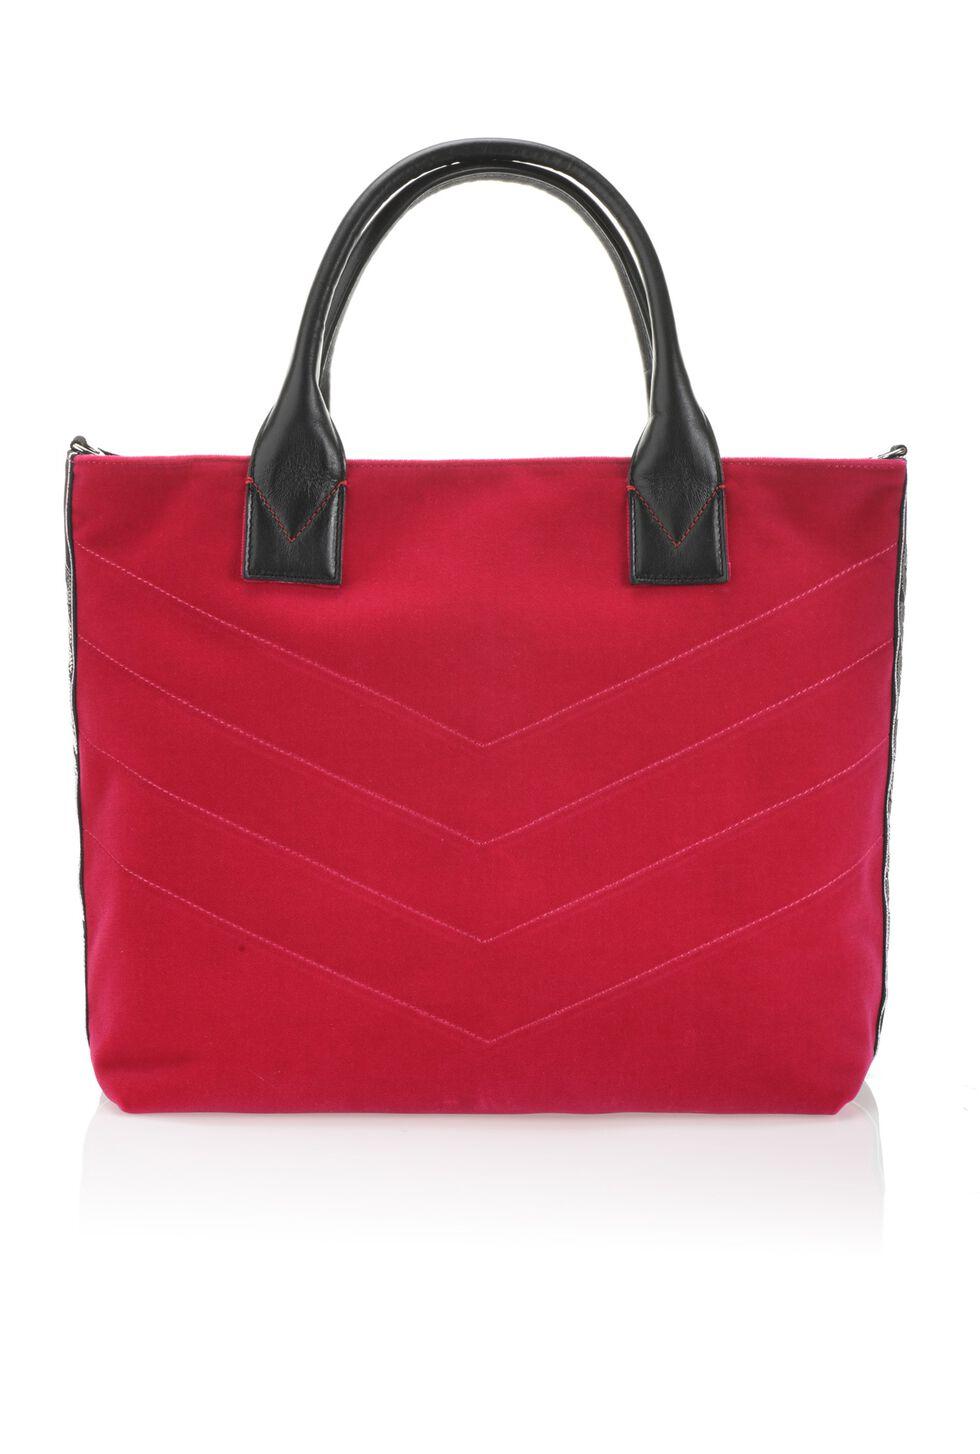 Sac Pinko Bag en velours